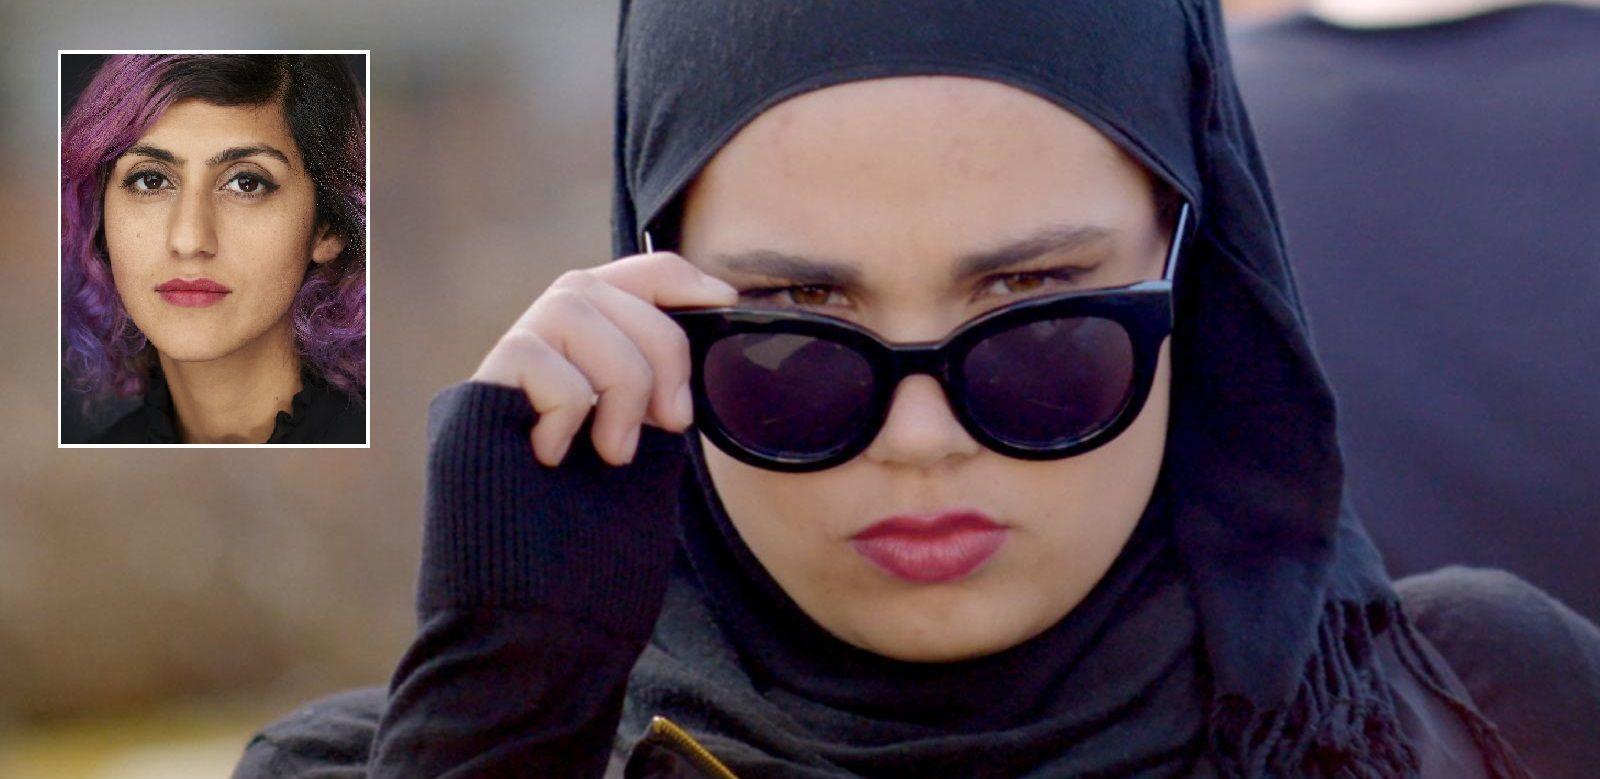 Hva du skal vite når dating en muslimsk jente